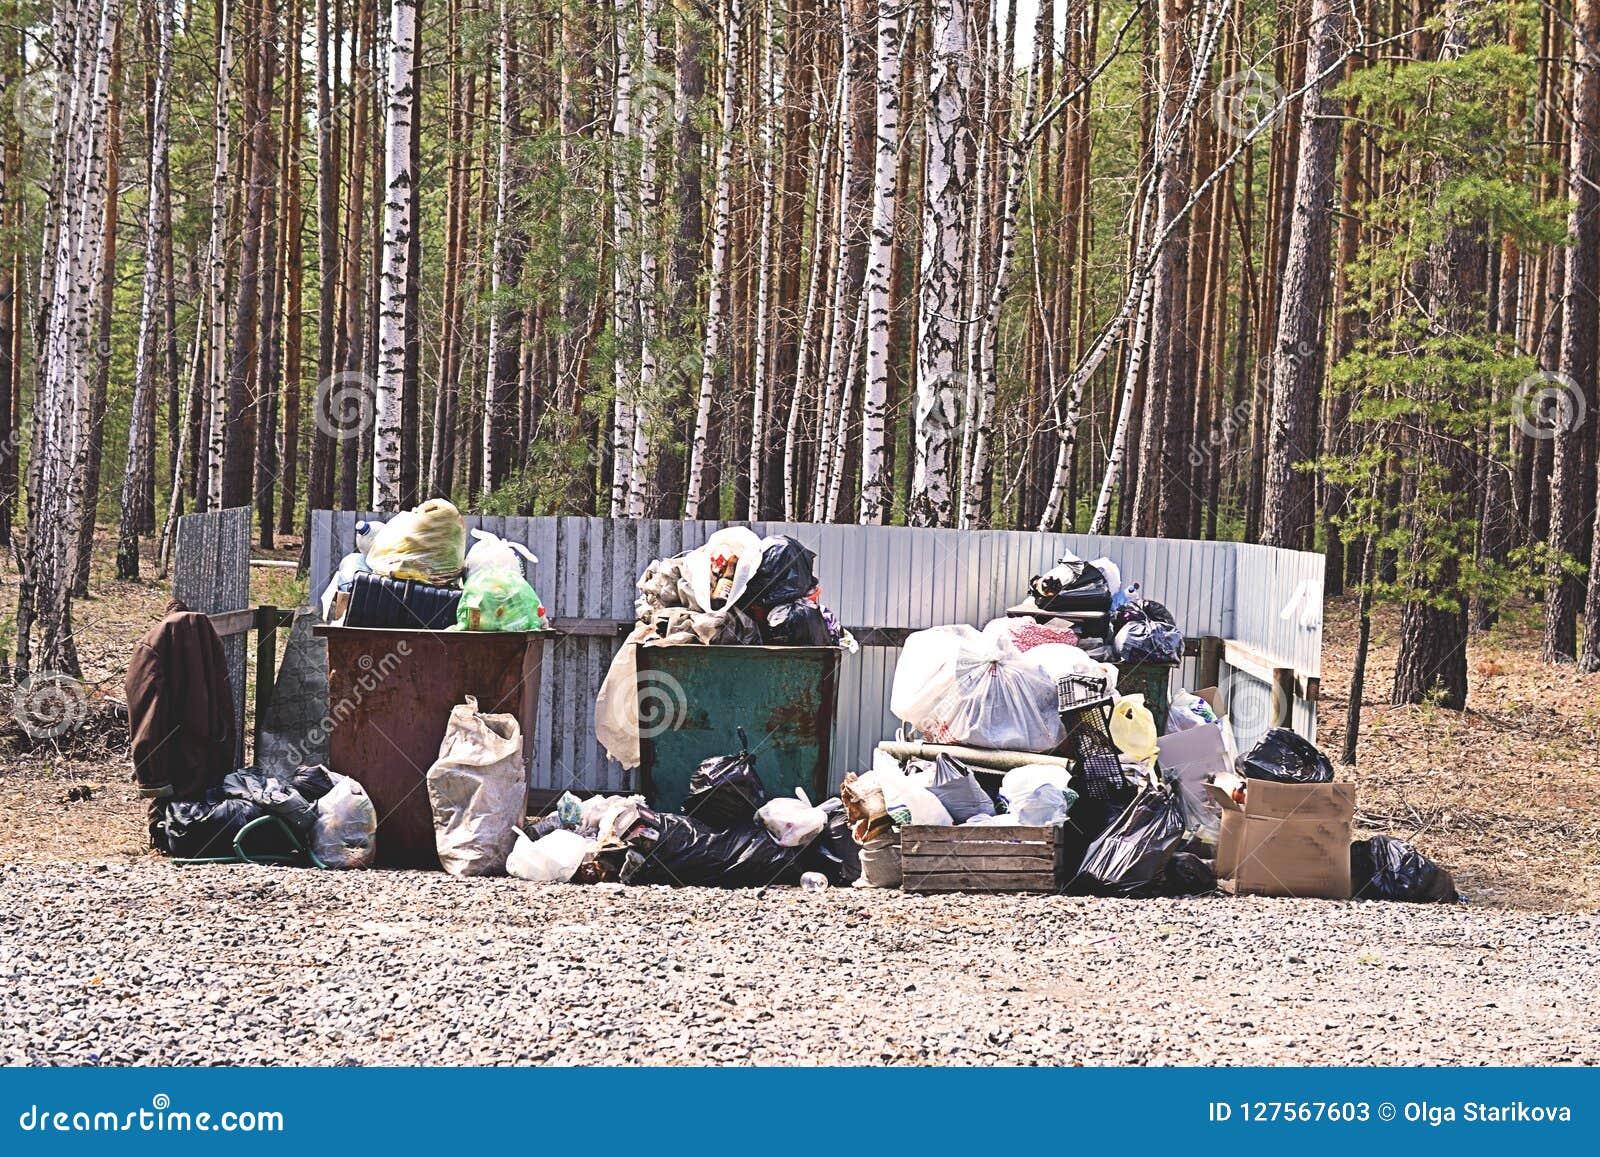 Caixa de maca completamente do lixo no conceito da floresta do problema da ecologia